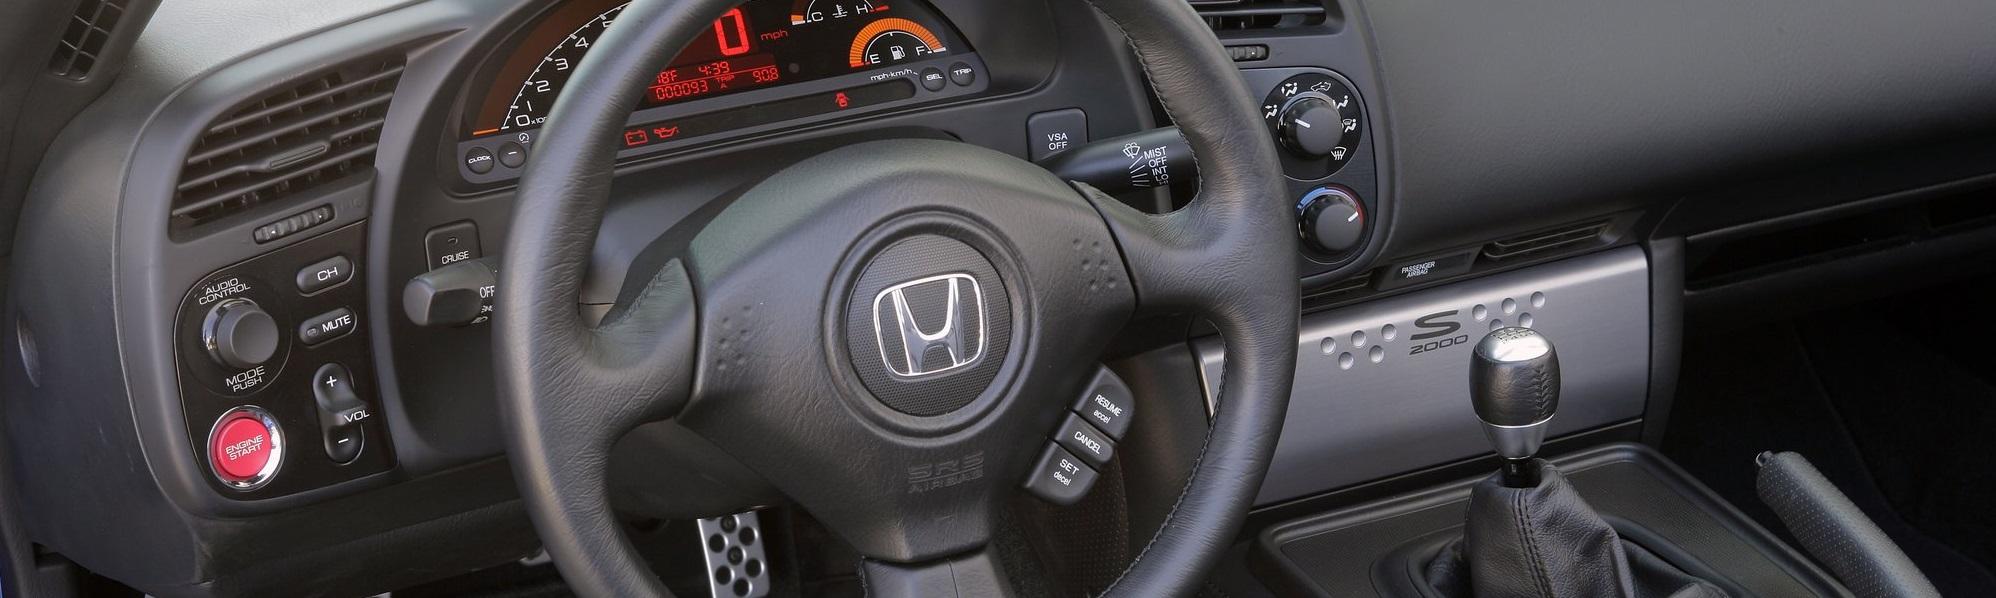 Stuur & toebehoren Honda.jpg